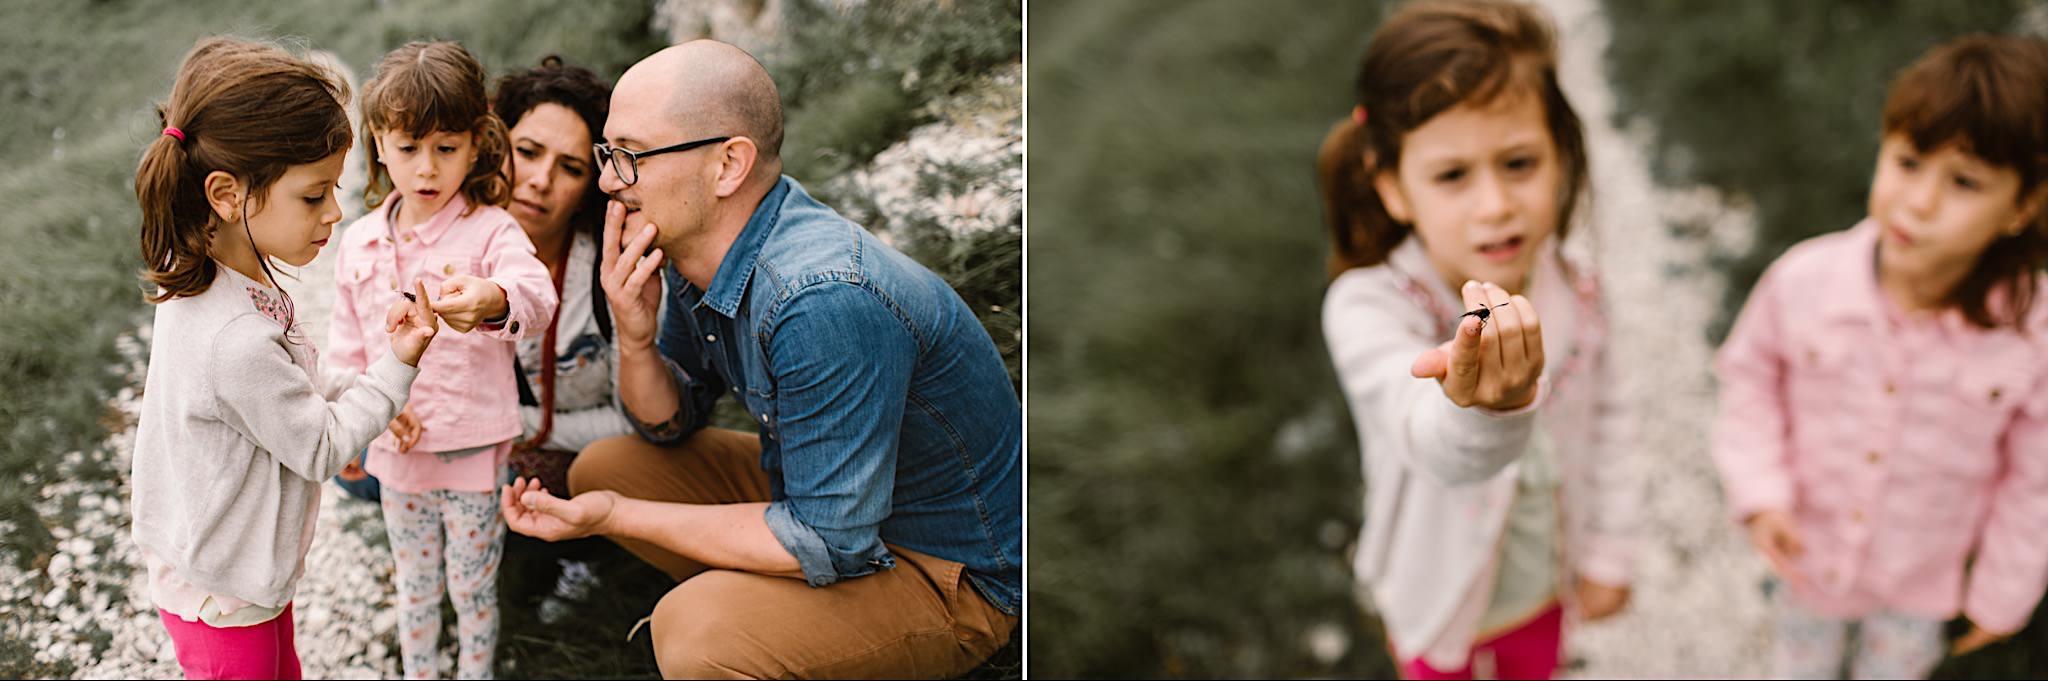 fotografo-matrimonio-originale-daniele-padovan-03